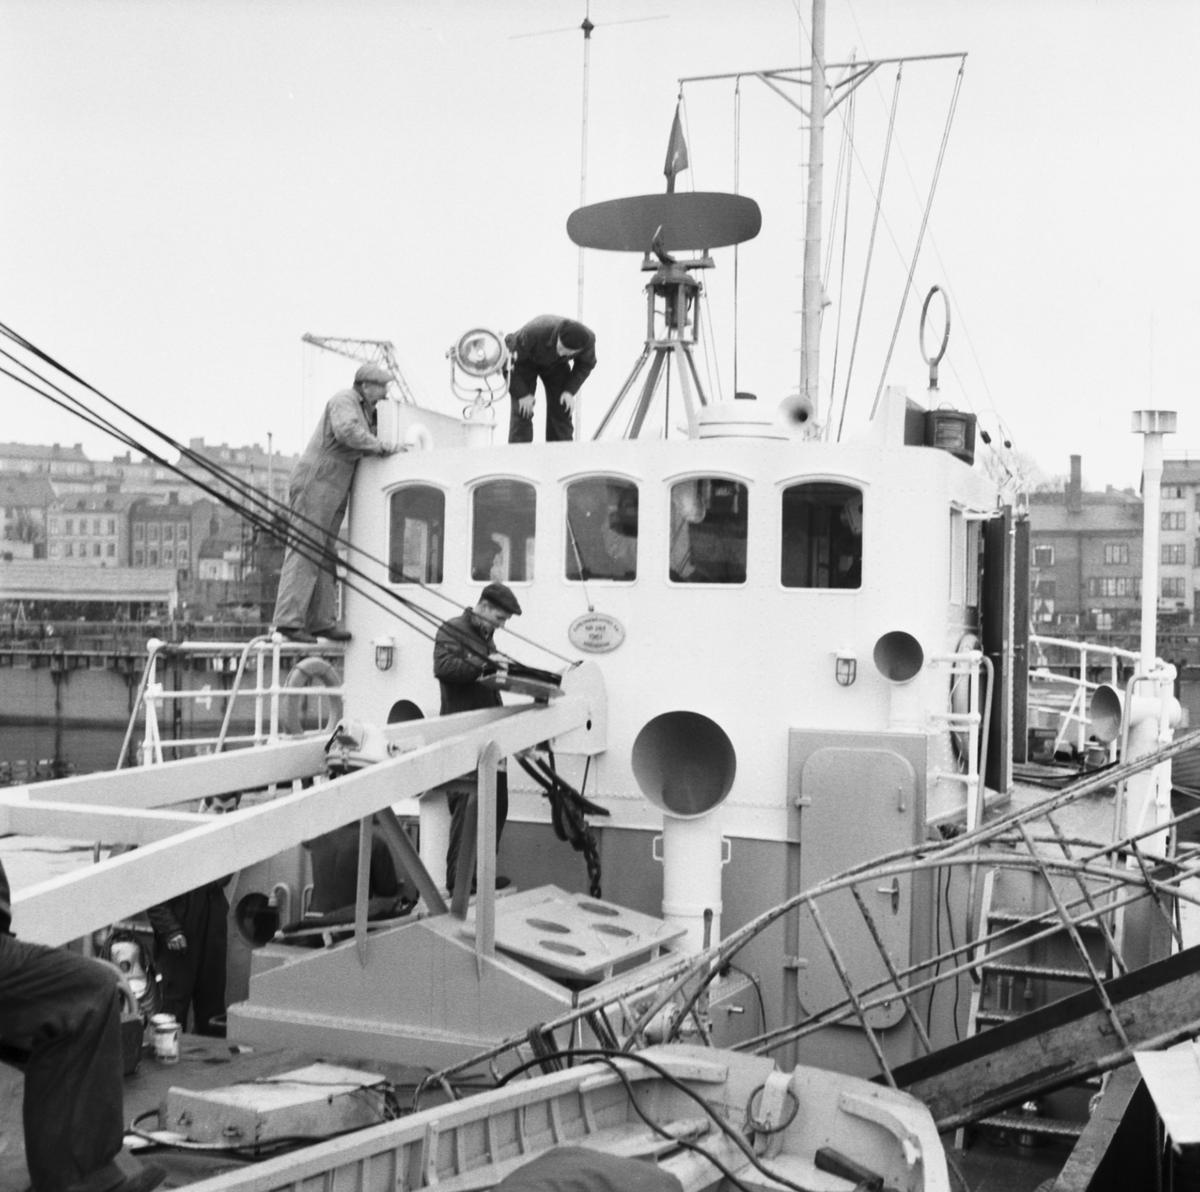 Fartyg: TÄNDAREN                        Övrigt: Gasningsjakt, Tändaren, detaljer för modellbygge